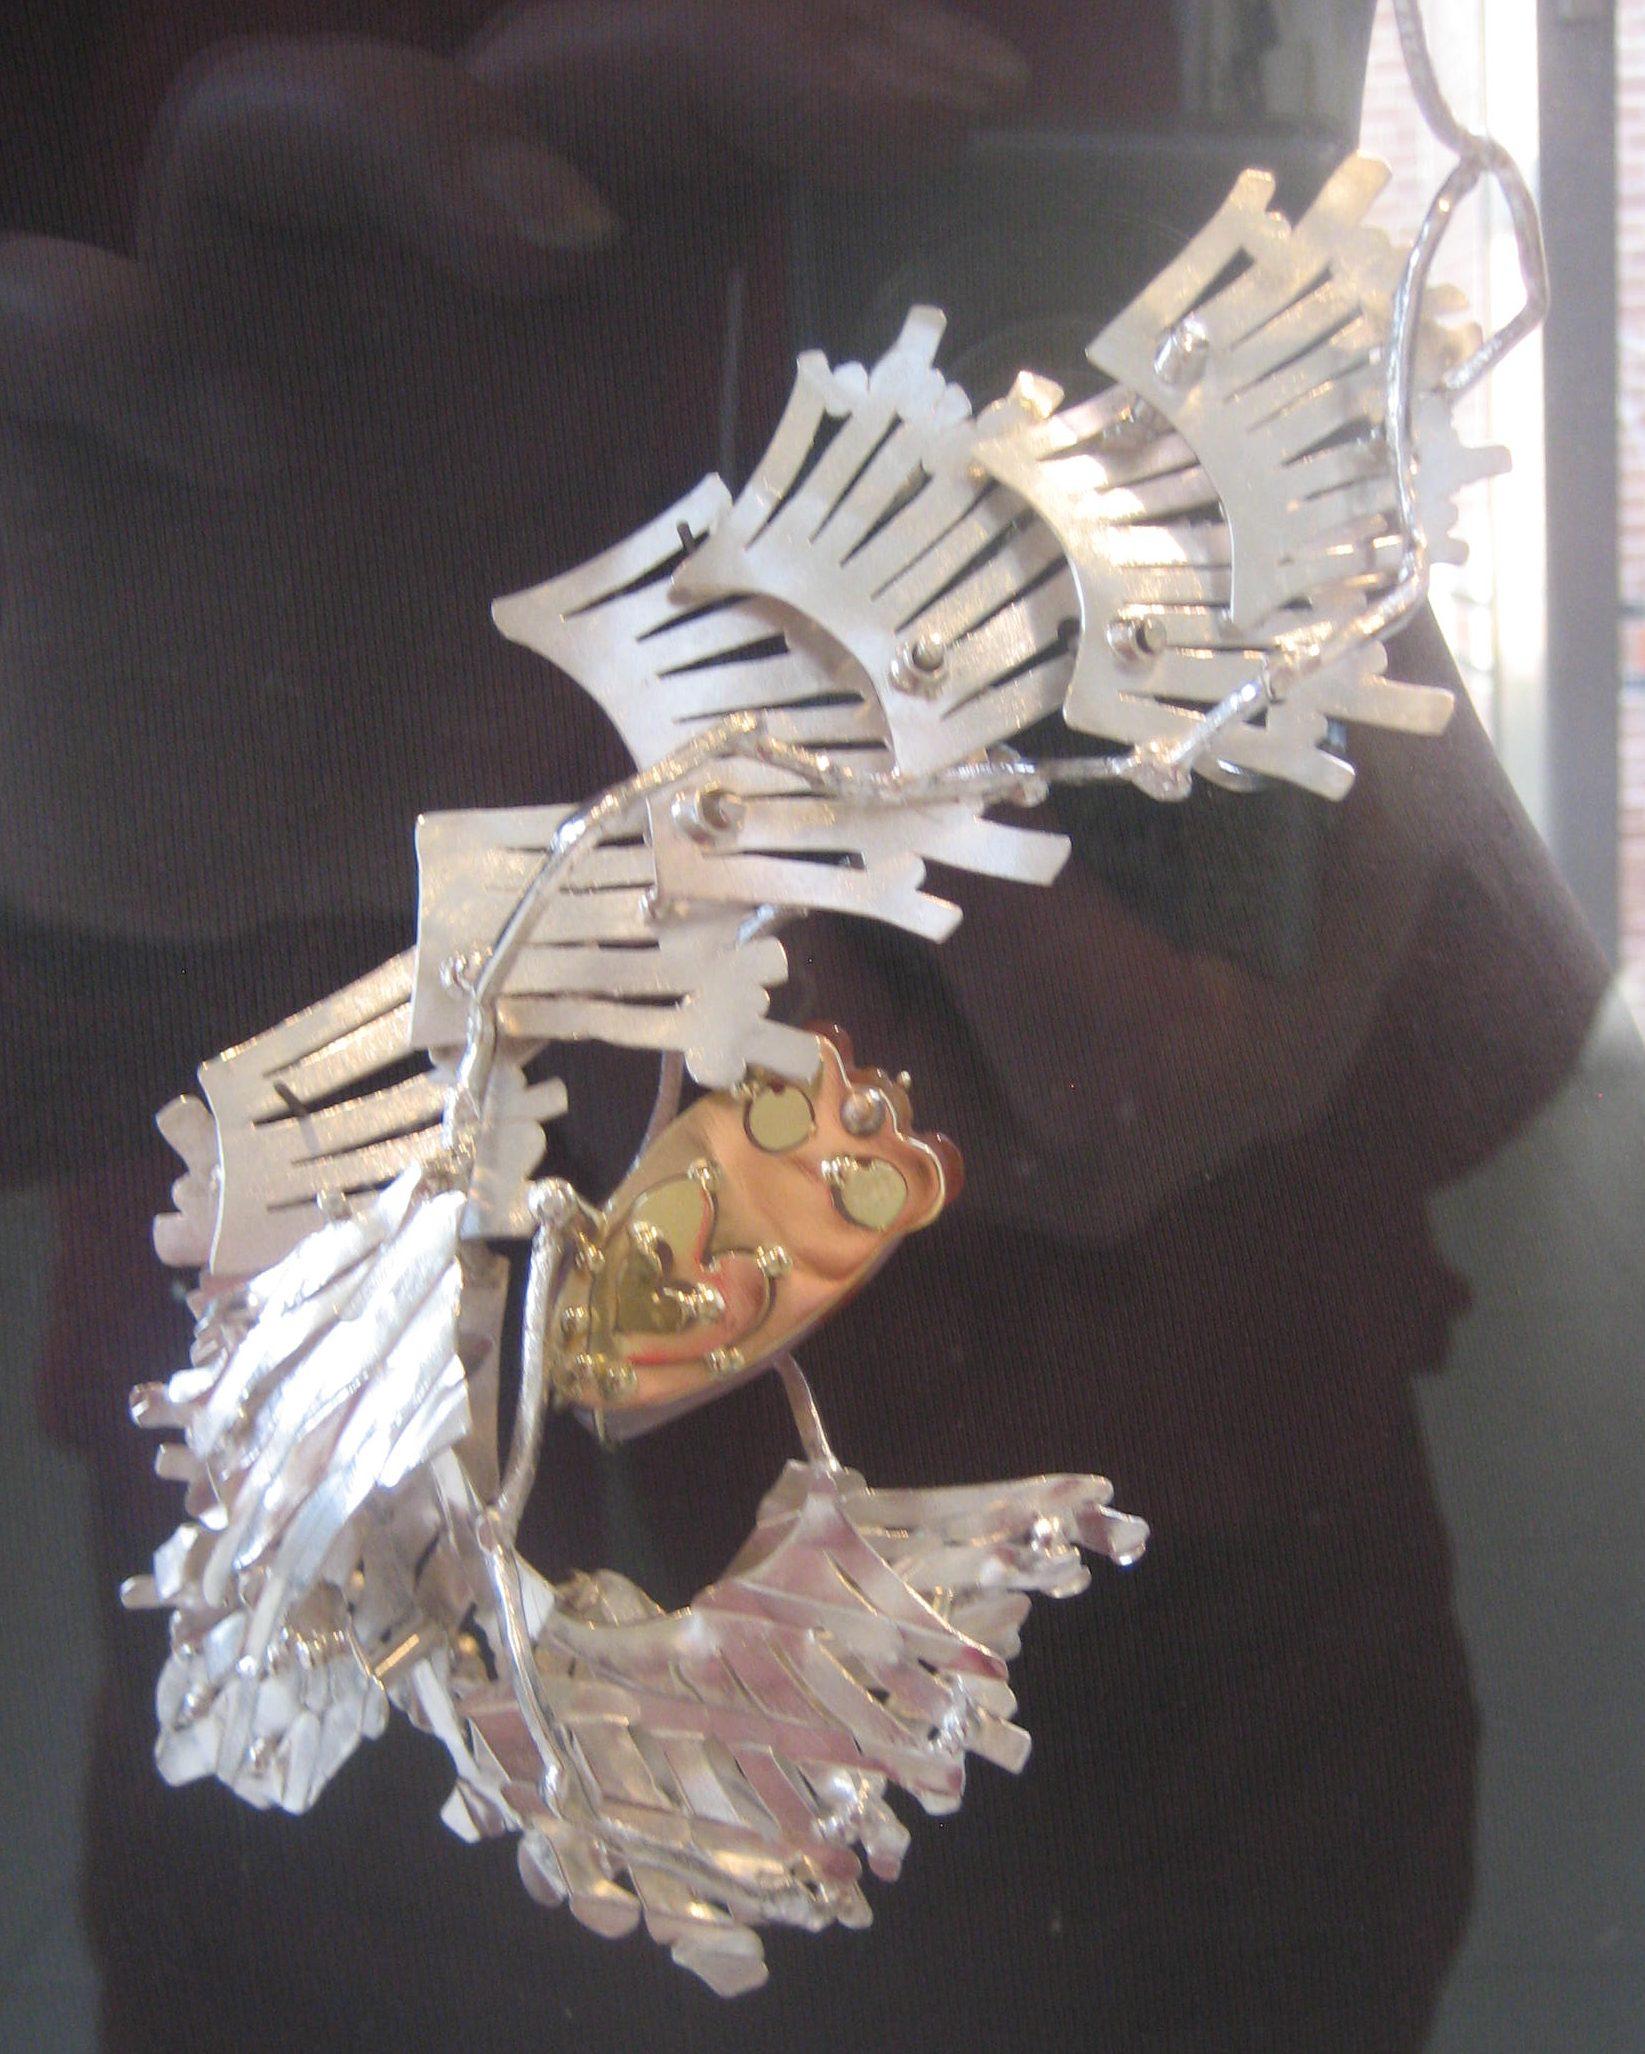 Anneke Schat, Cicada Viventi II, broche/hanger, 2014. Foto Esther Doornbusch, CC BY 4.0